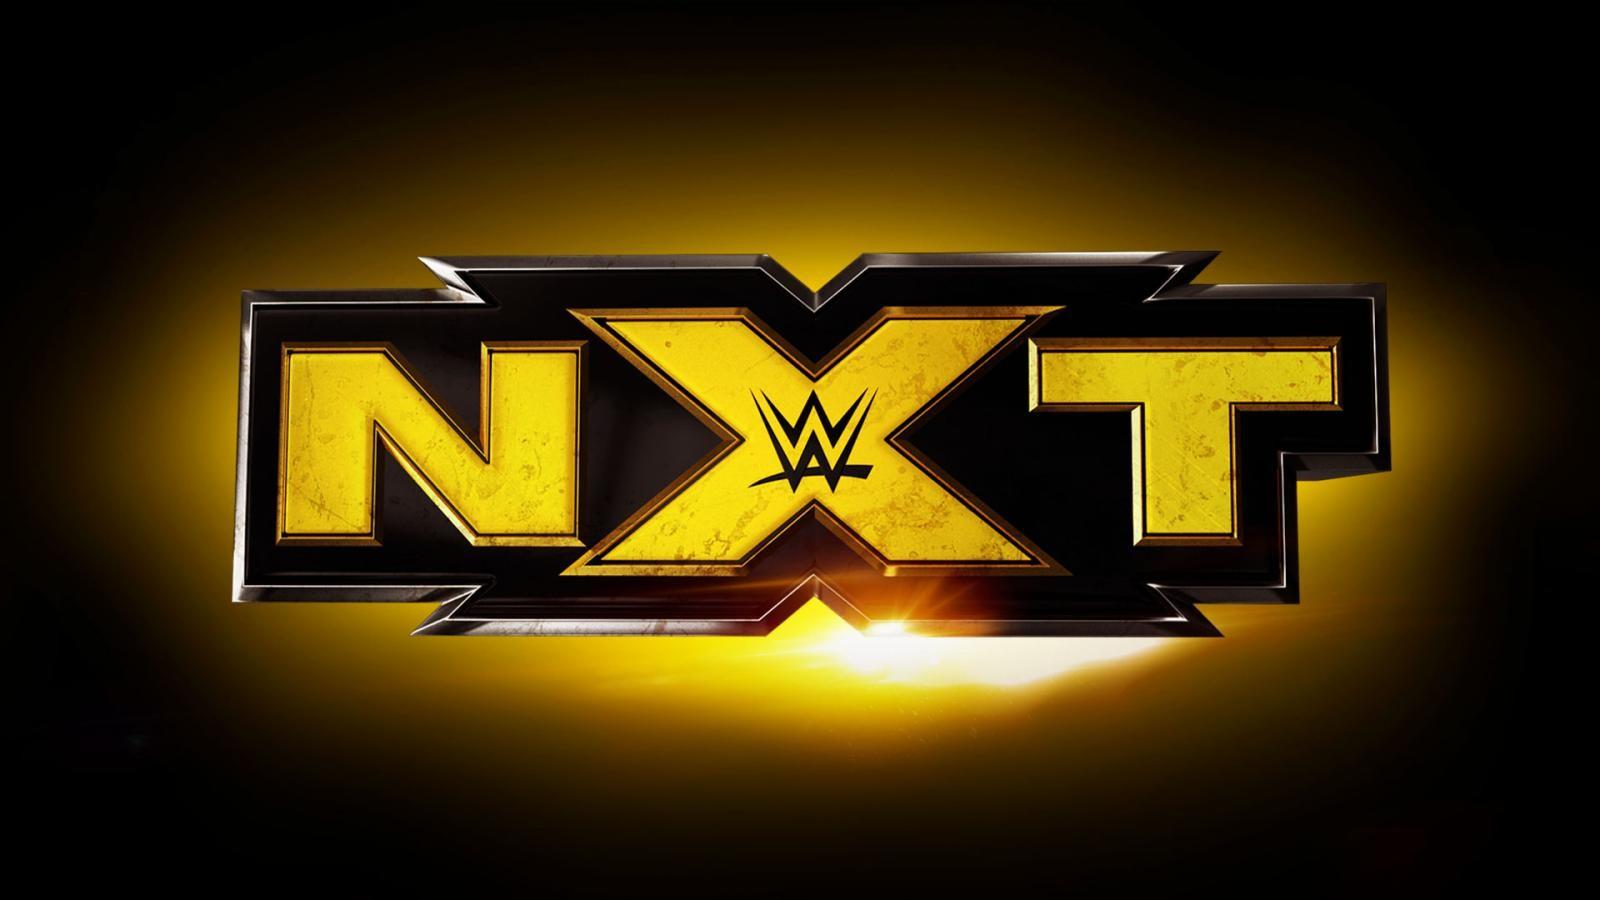 Wwe nxt (2010-2019)